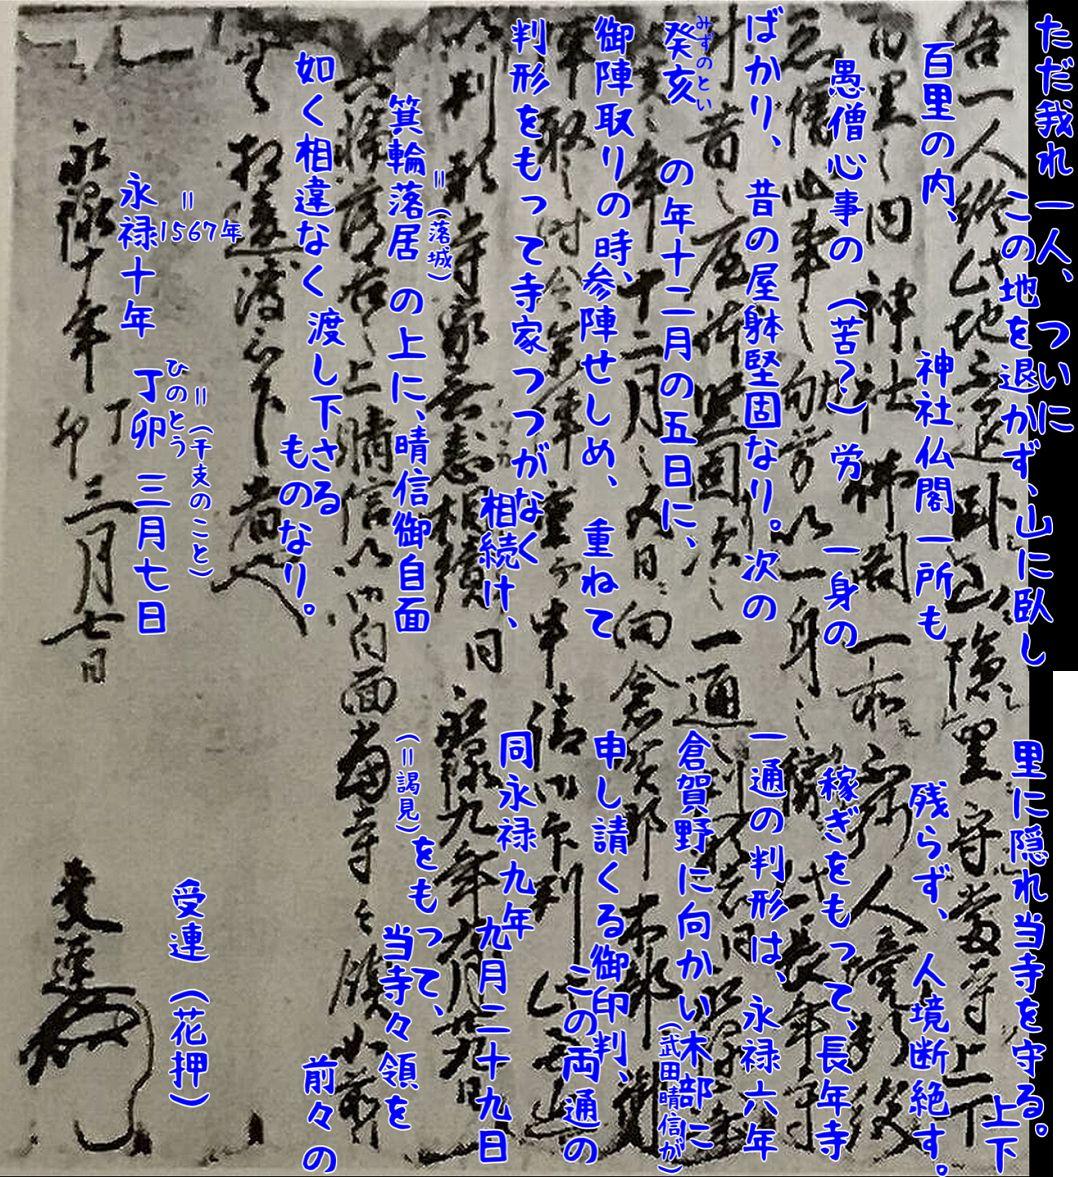 永禄十年三月七日付け受連覚書(b+書き下し文)